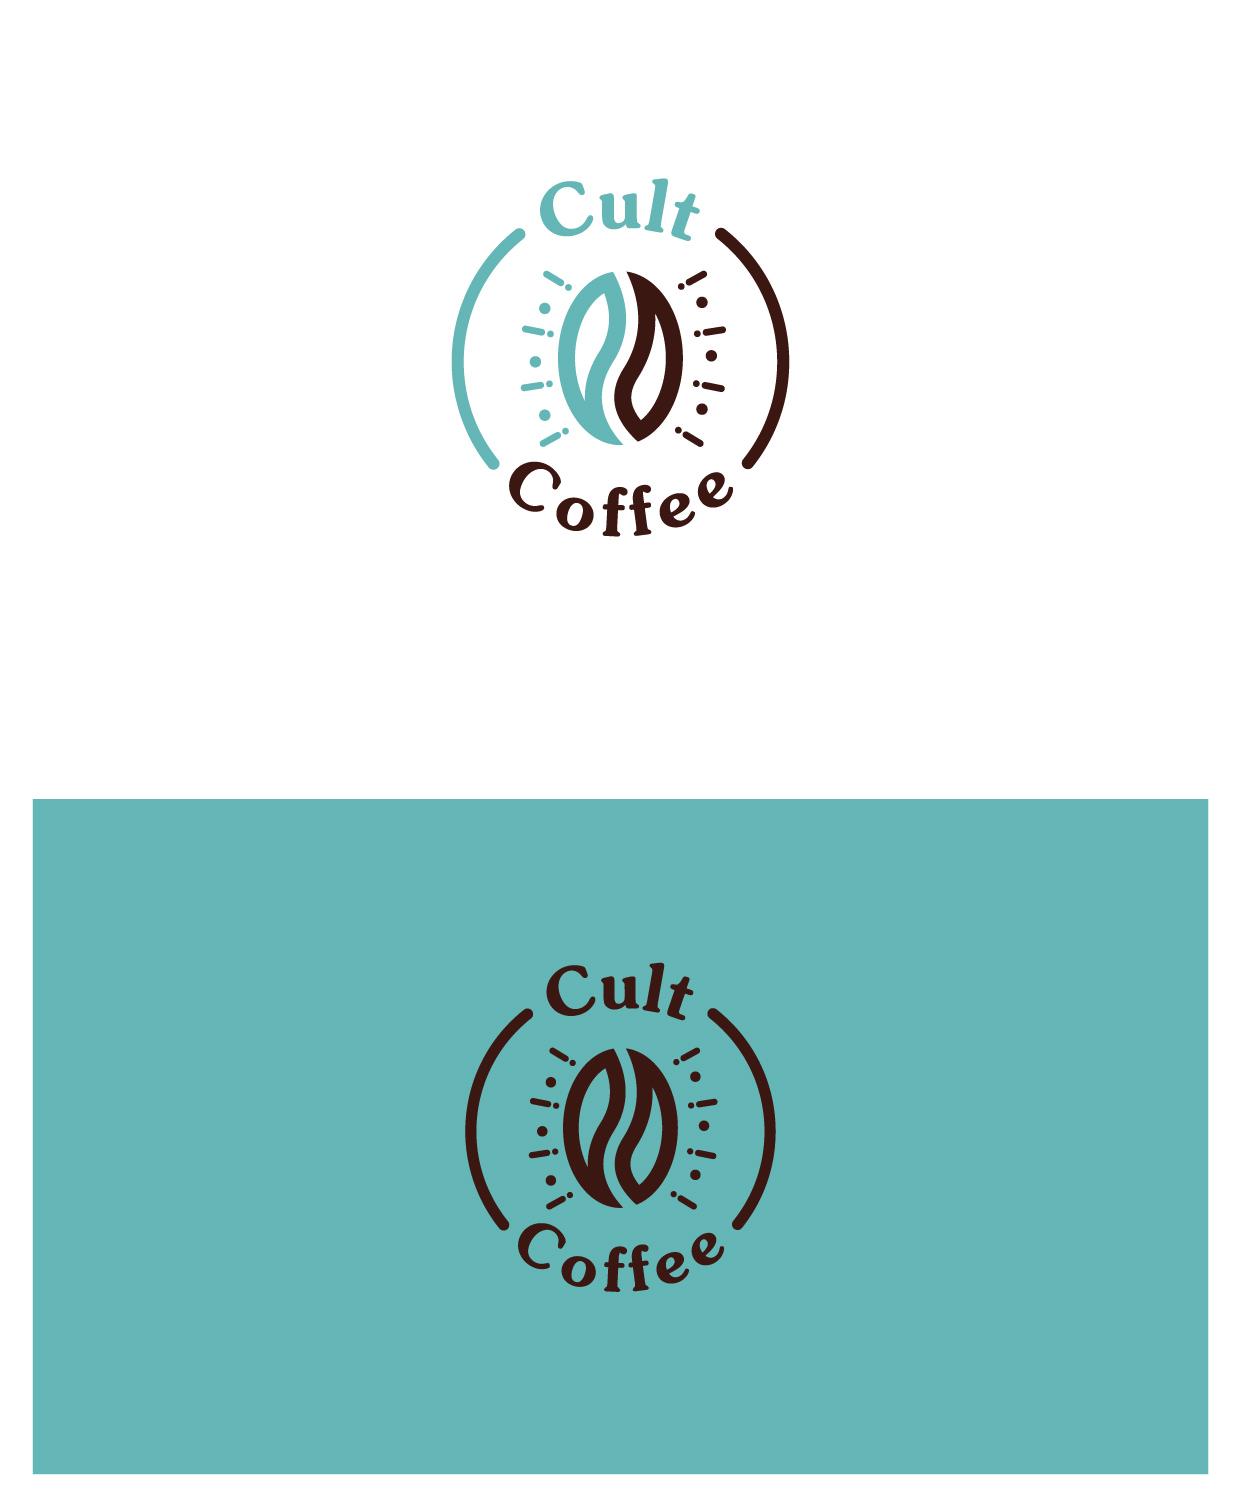 Логотип и фирменный стиль для компании COFFEE CULT фото f_3695bca16d326913.jpg